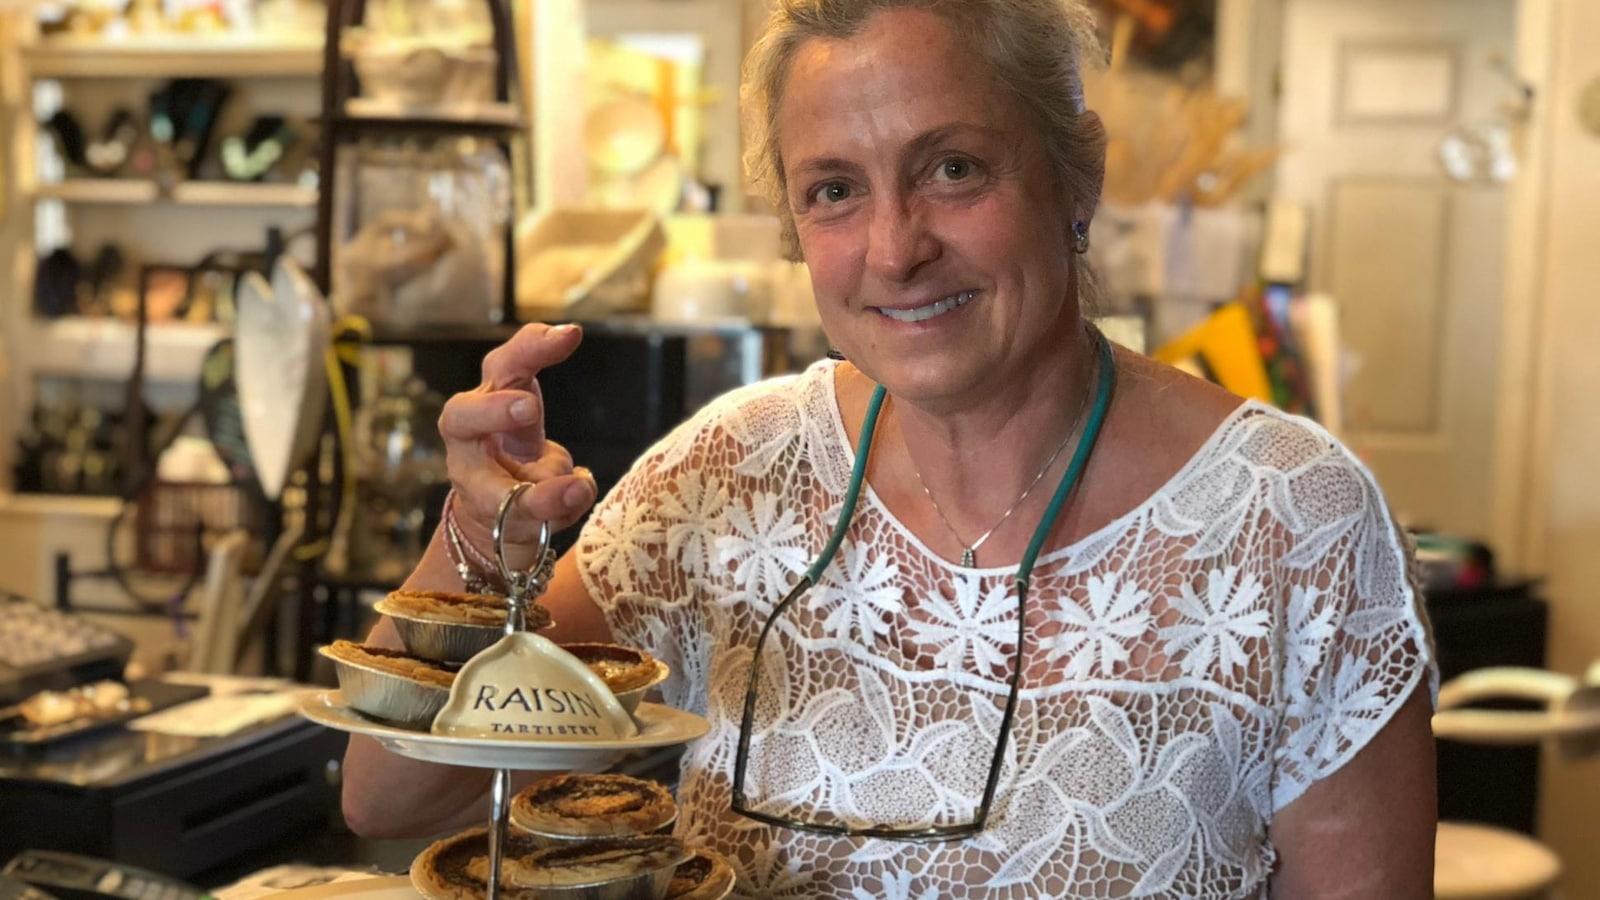 Michelle Roberts, propriétaire de la pâtisserie Tartistry tient une assiette remplie de tarrtelettes au beurre.